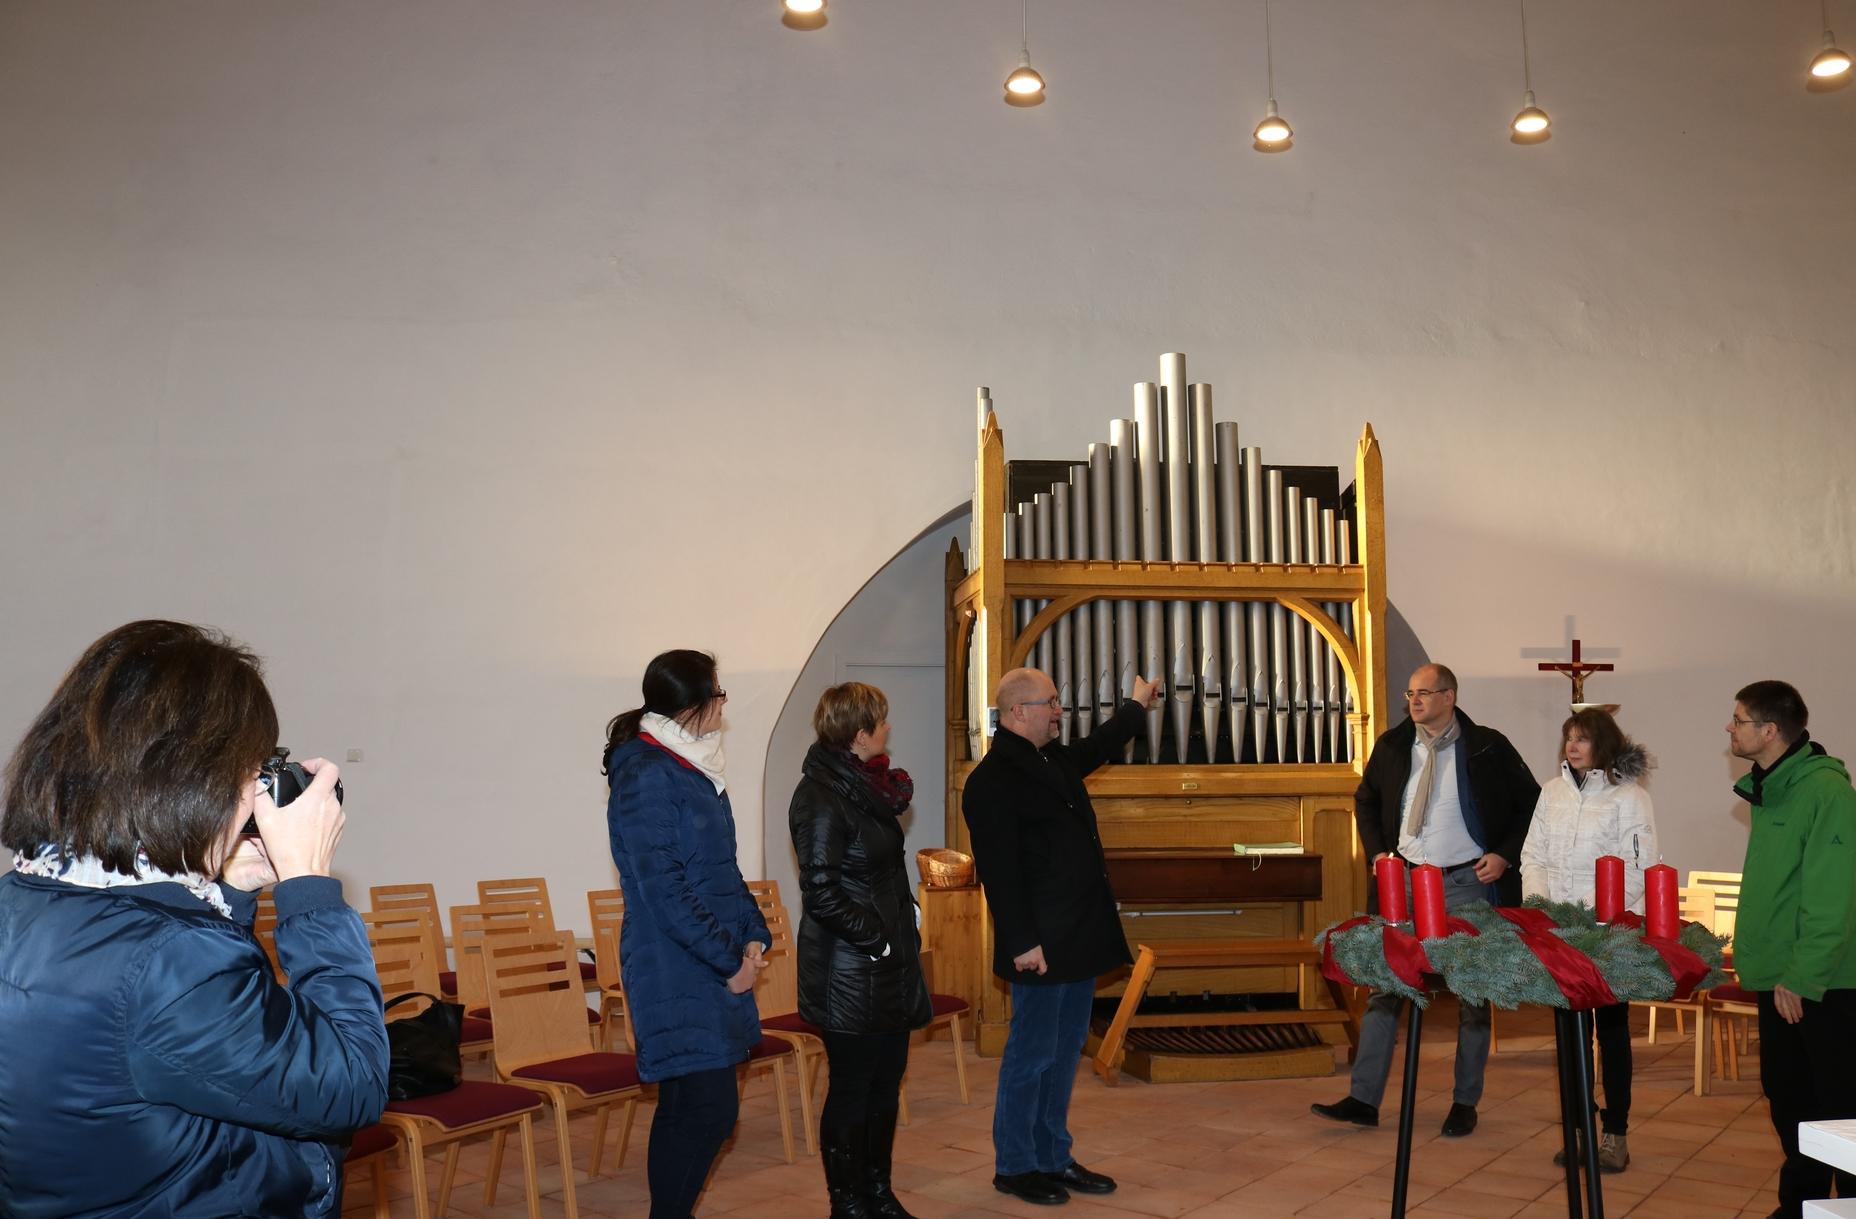 Pfarrer Herr Bernhard Halver gibt Erläuterungen zum Umbau und dem Kauf einer neuen Orgel